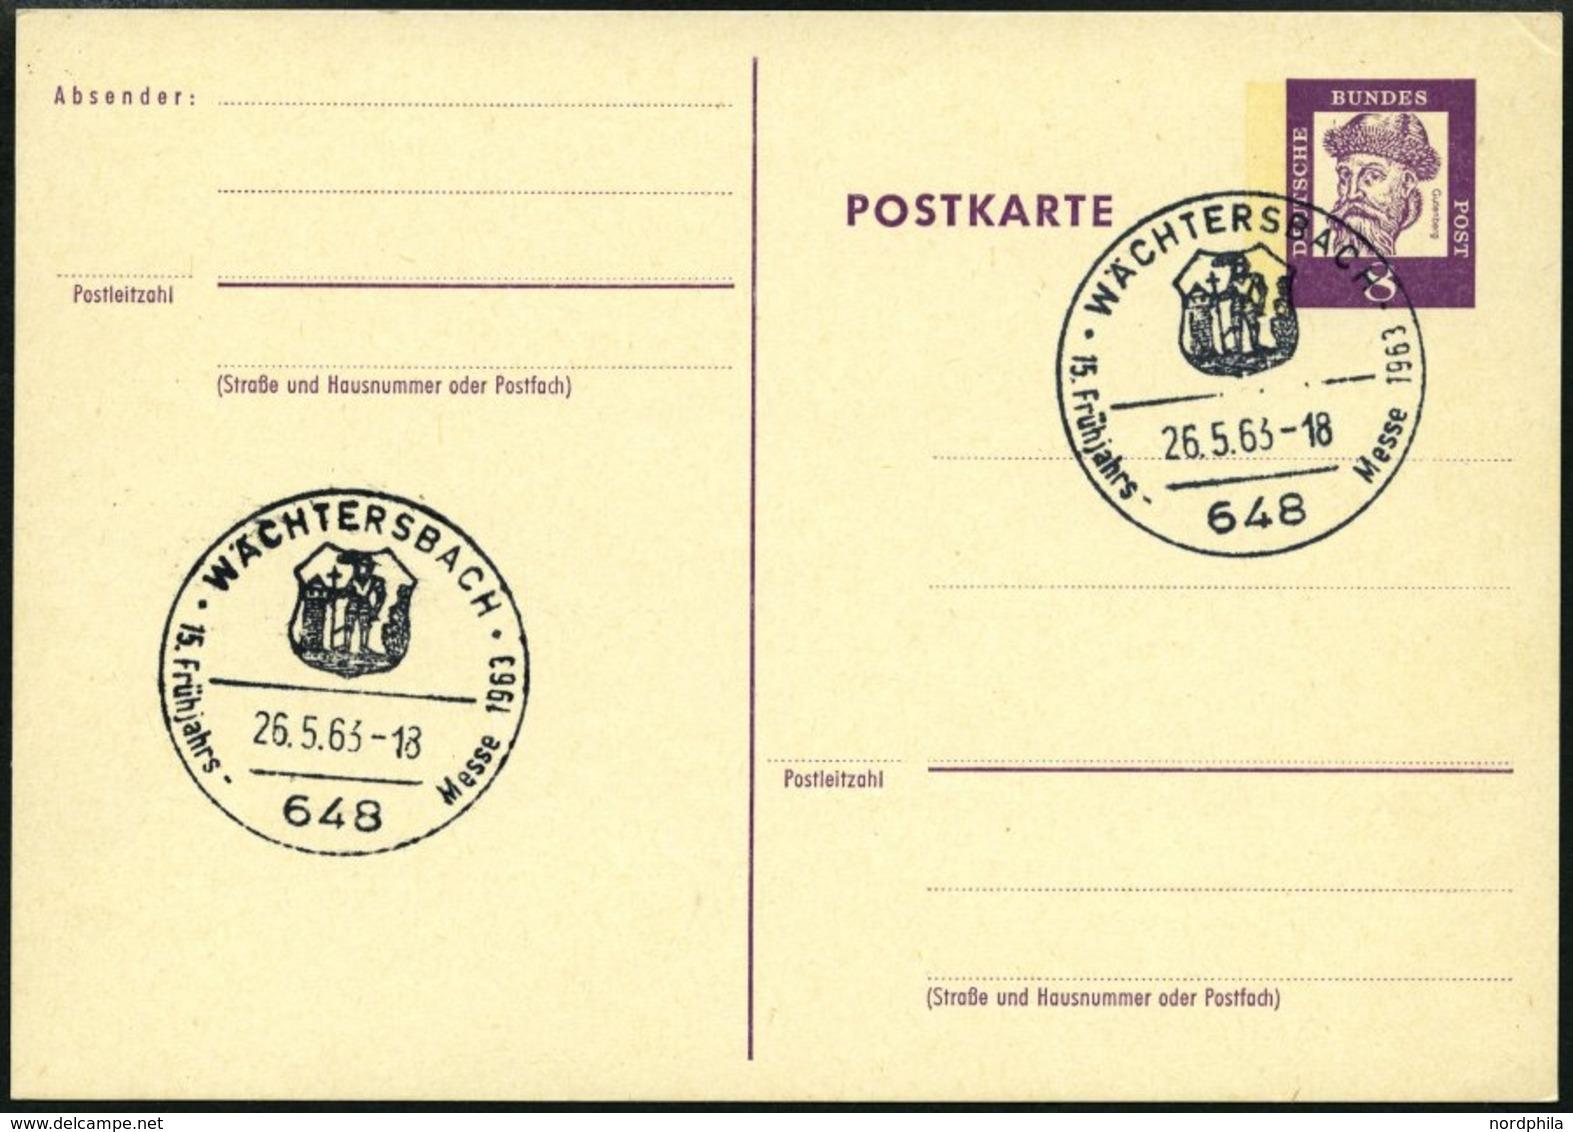 GANZSACHEN P 73 BRIEF, 1962, 8 Pf. Gutenberg, Postkarte In Grotesk-Schrift, Leer Gestempelt Mit Sonderstempel WÄCHTERSBA - Sammlungen